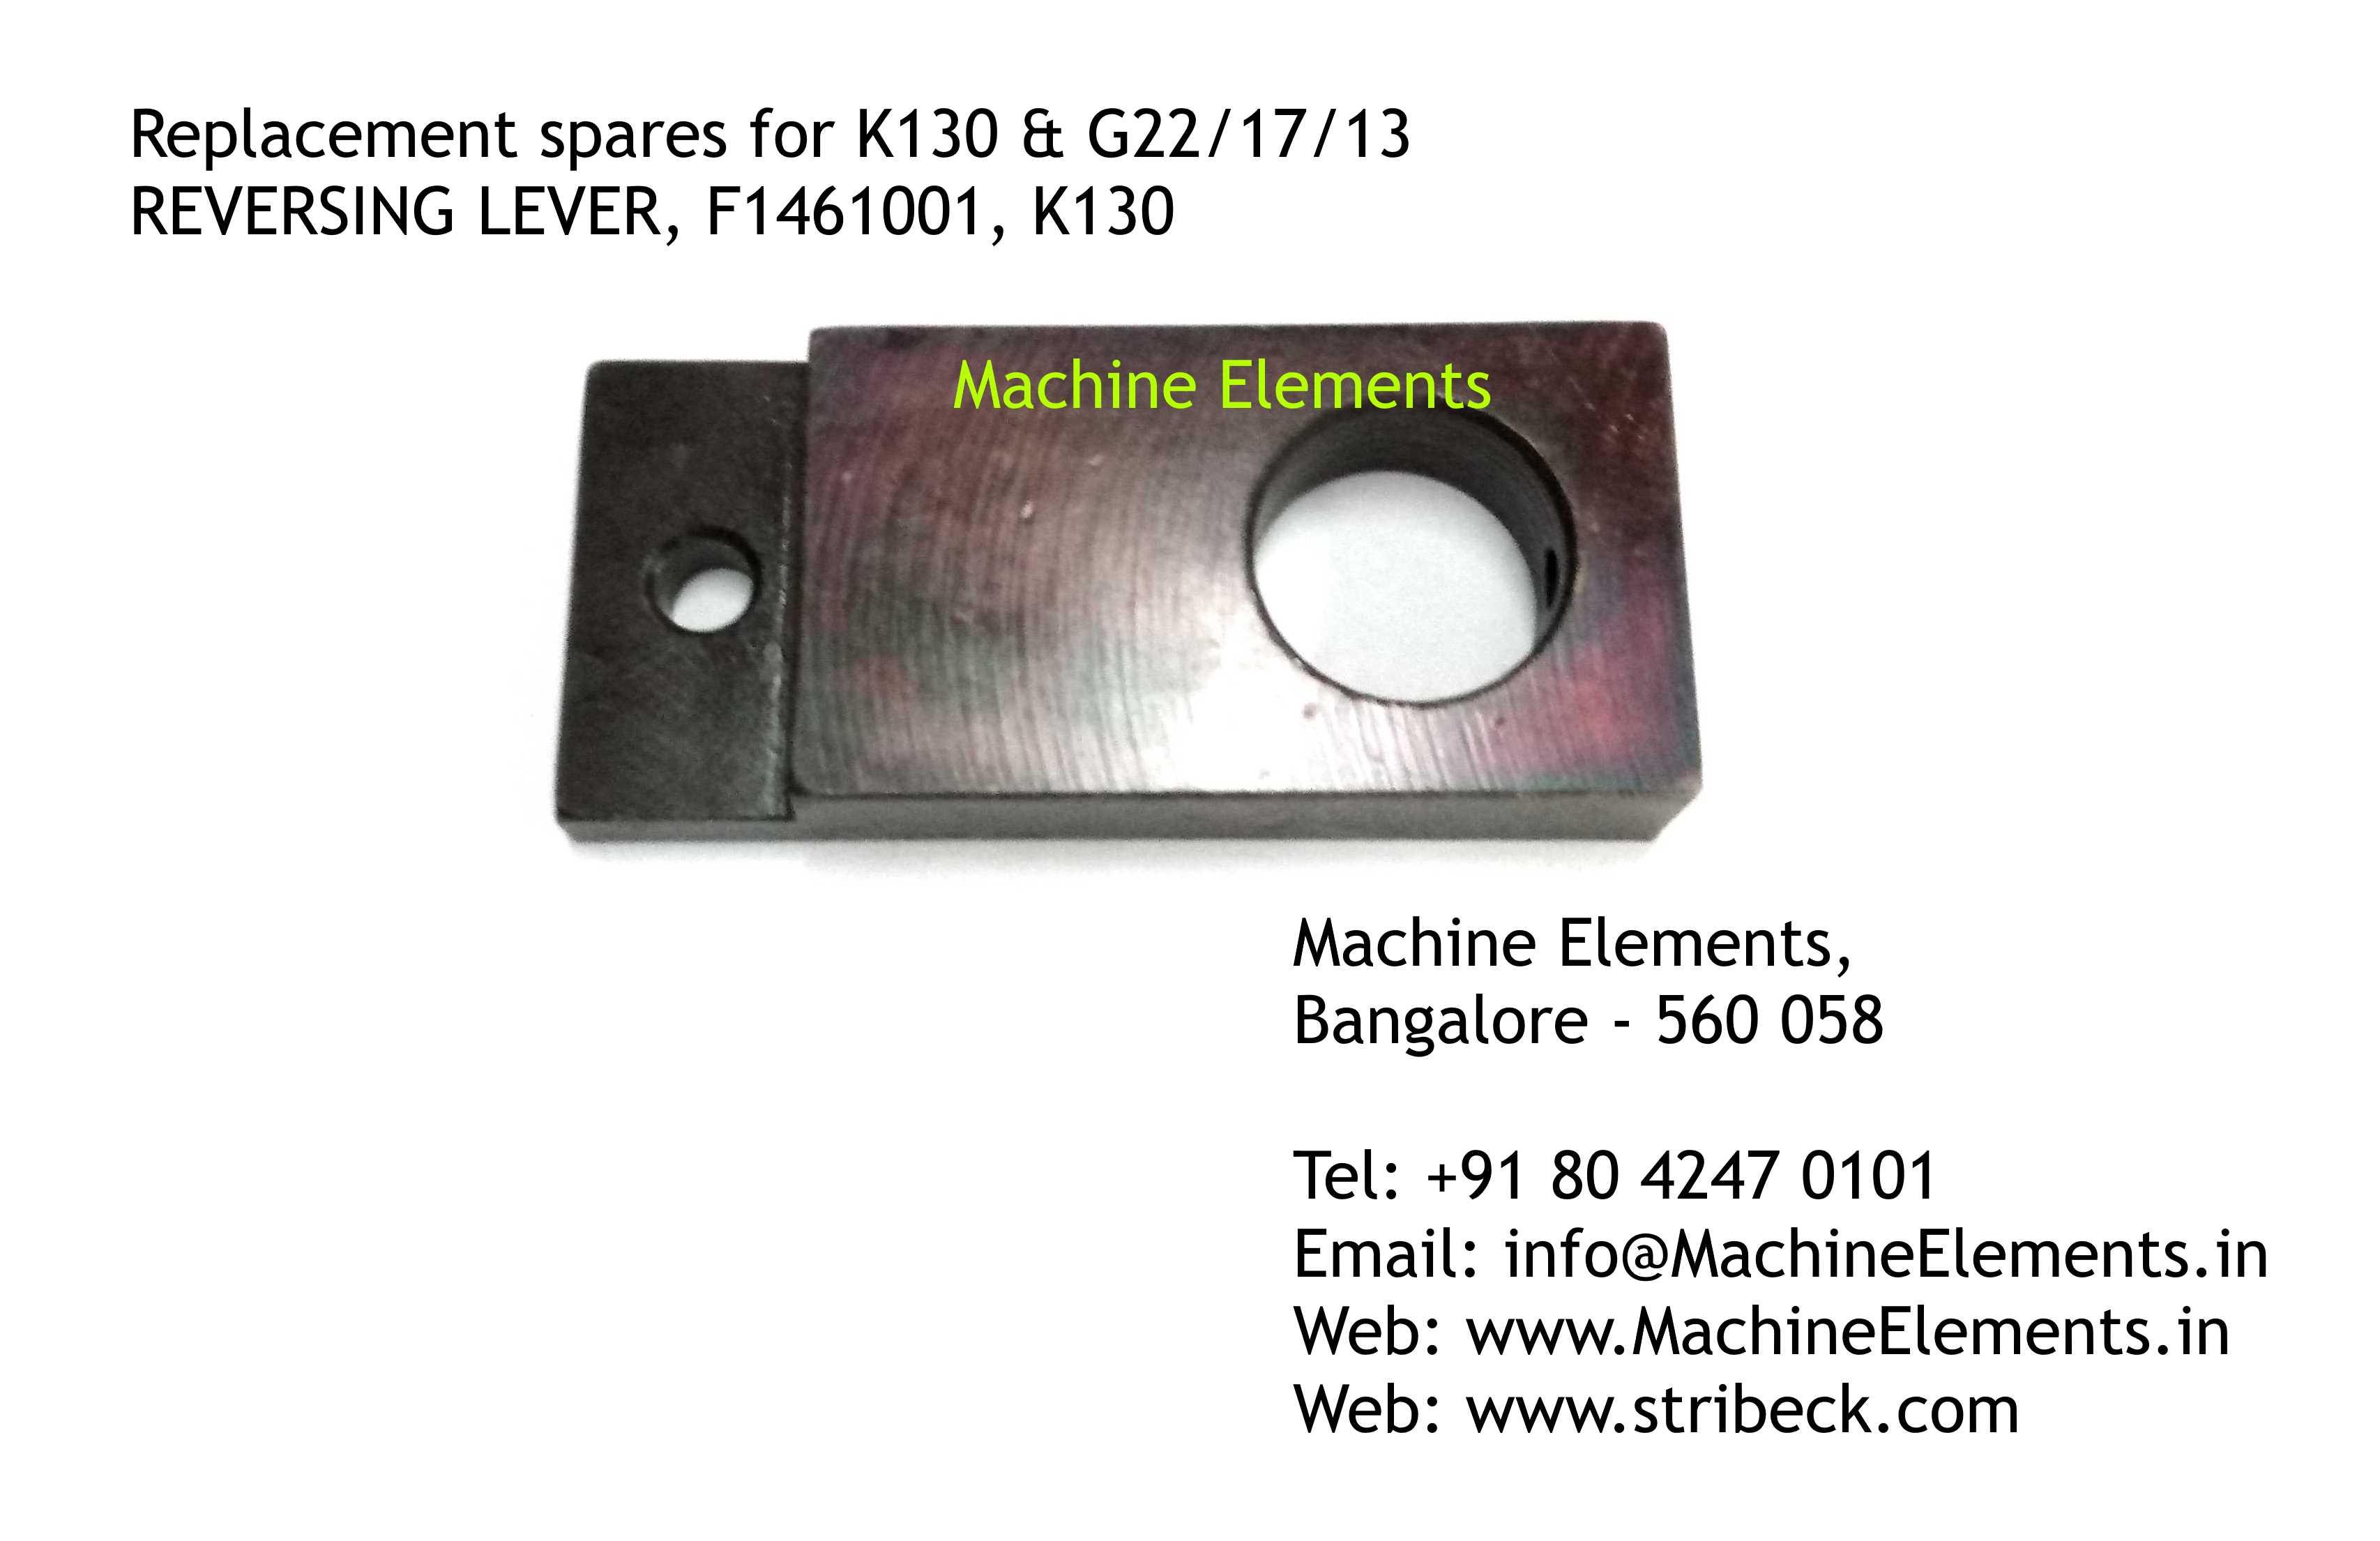 REVERSING LEVER, F1461001, K130